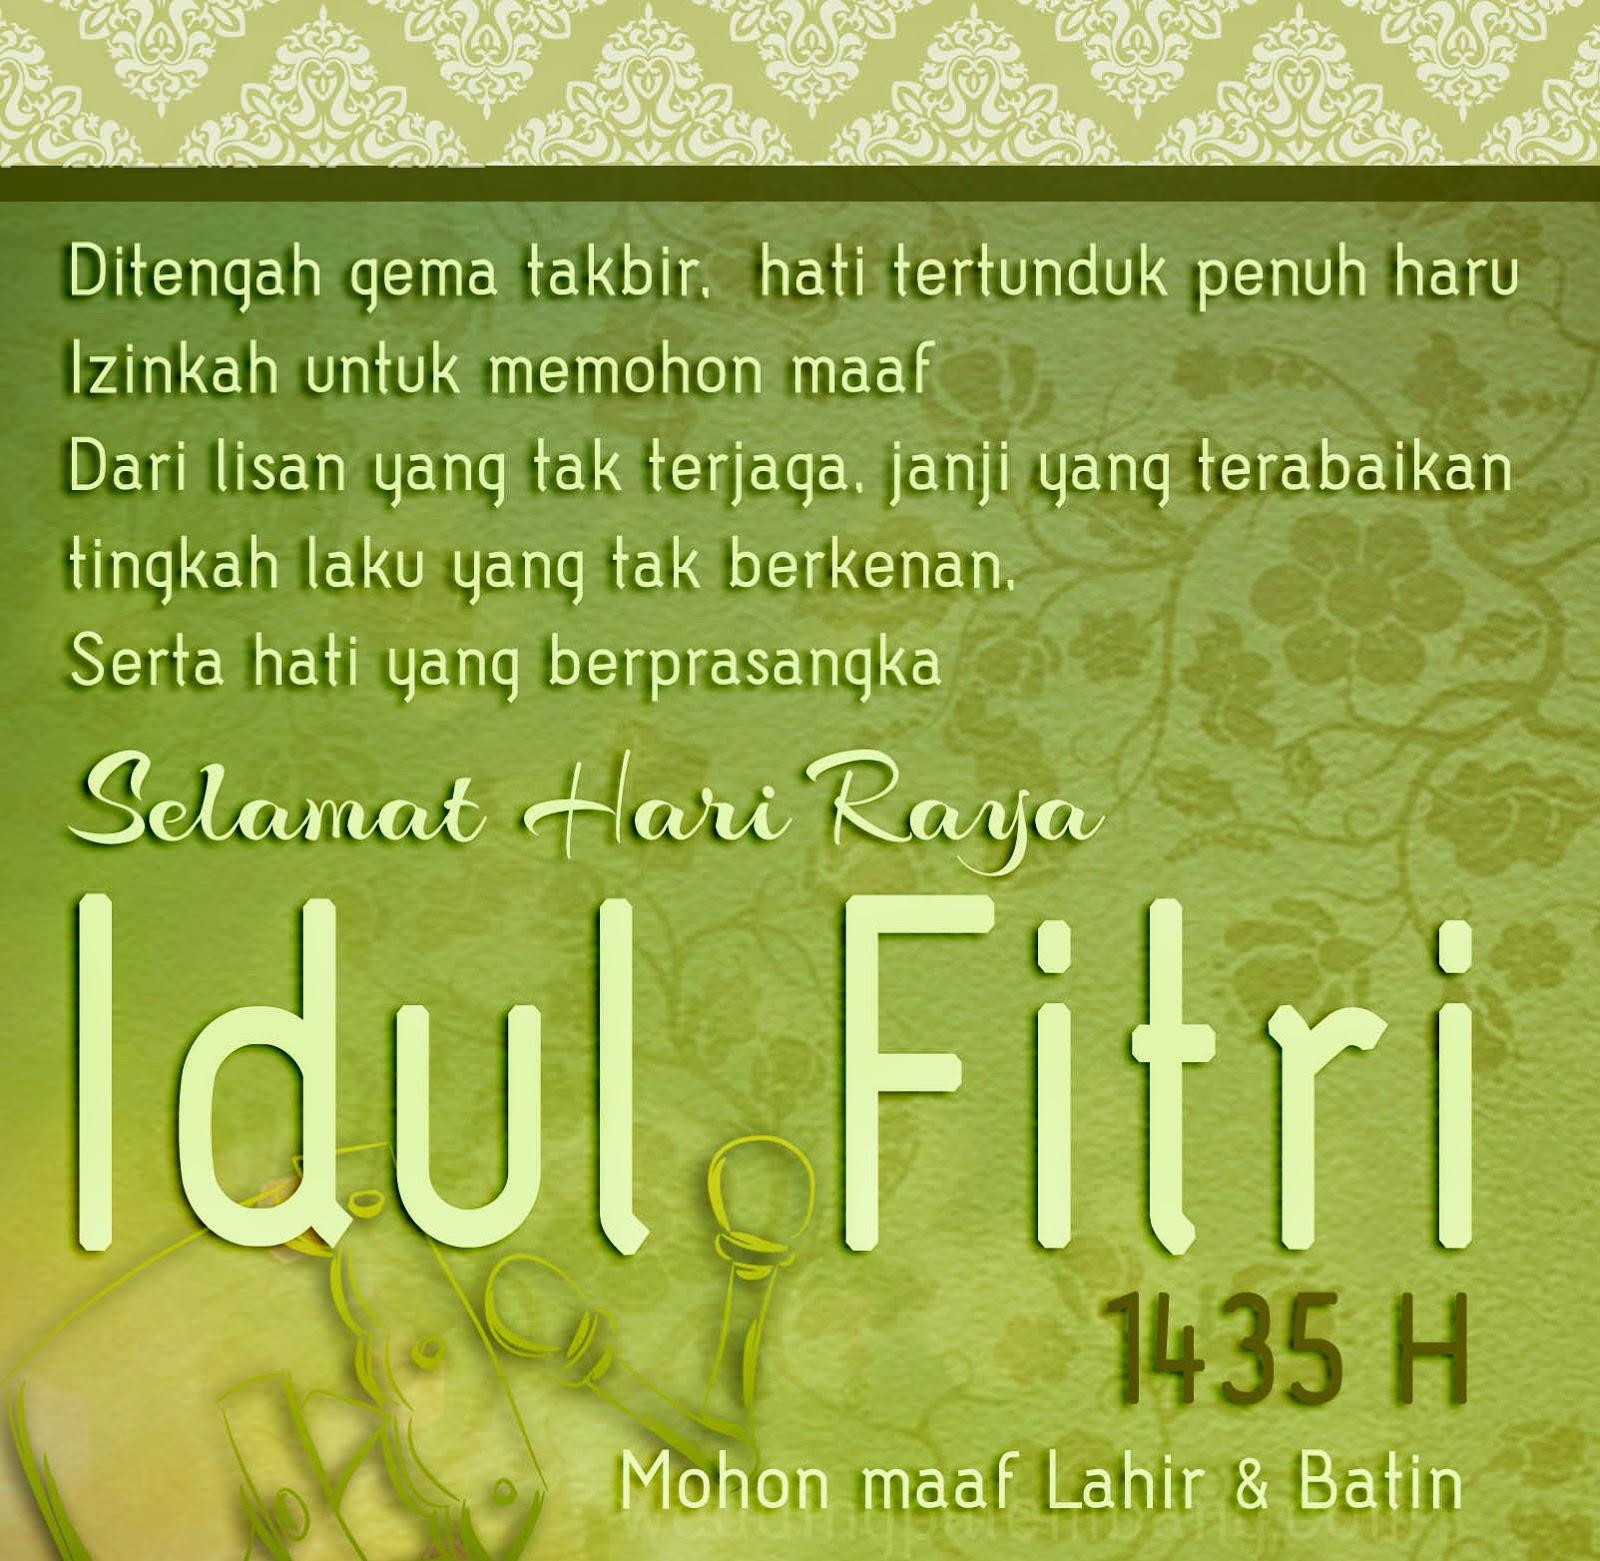 Gambar Kartu Ucapan Lebaran Idul Fitri 1435 H / 2014